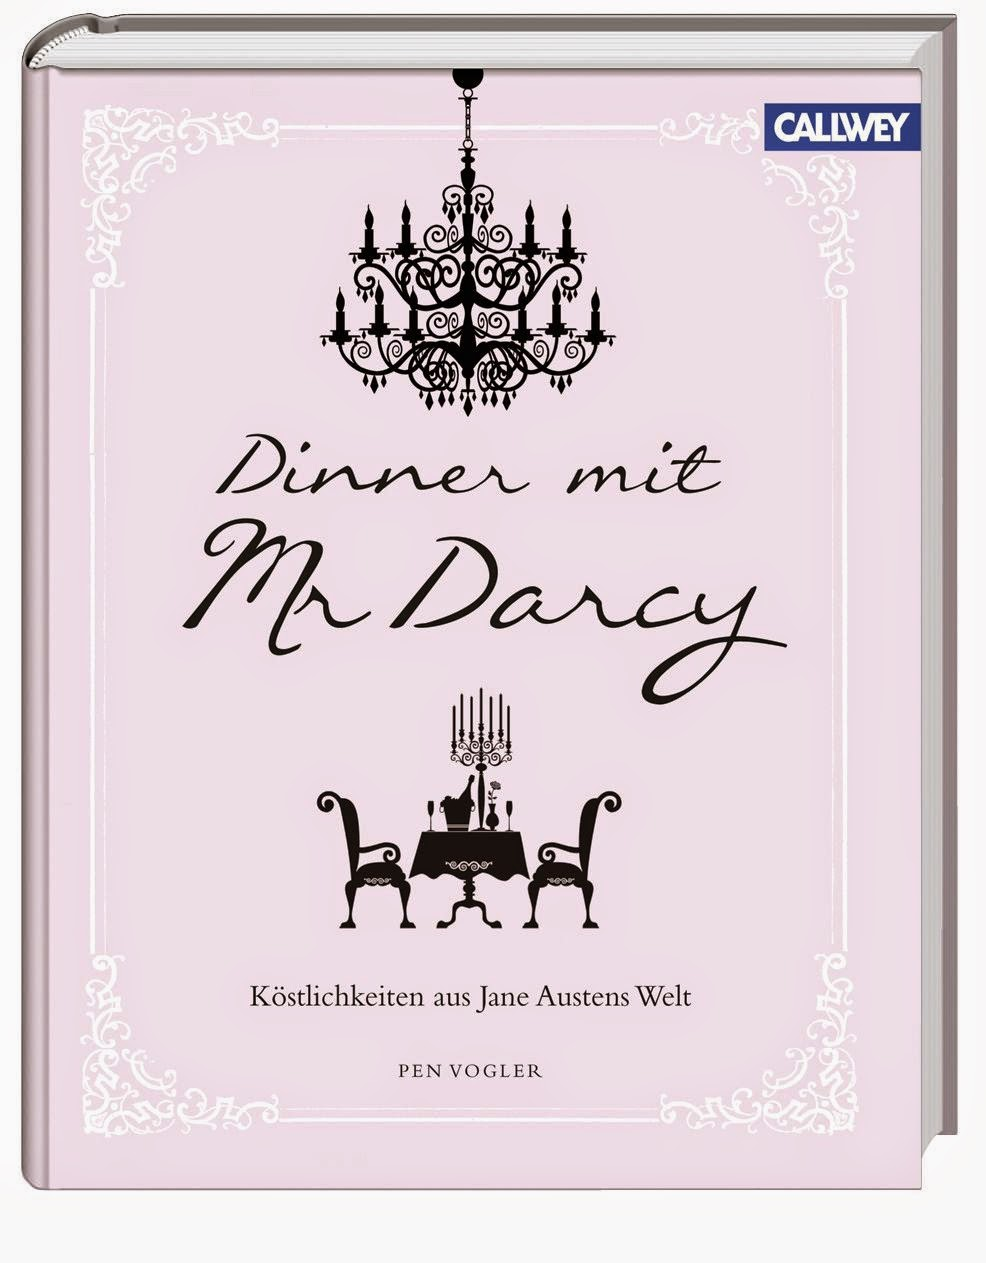 http://www.callwey-shop.de/dinner-mit-mr-darcy.html